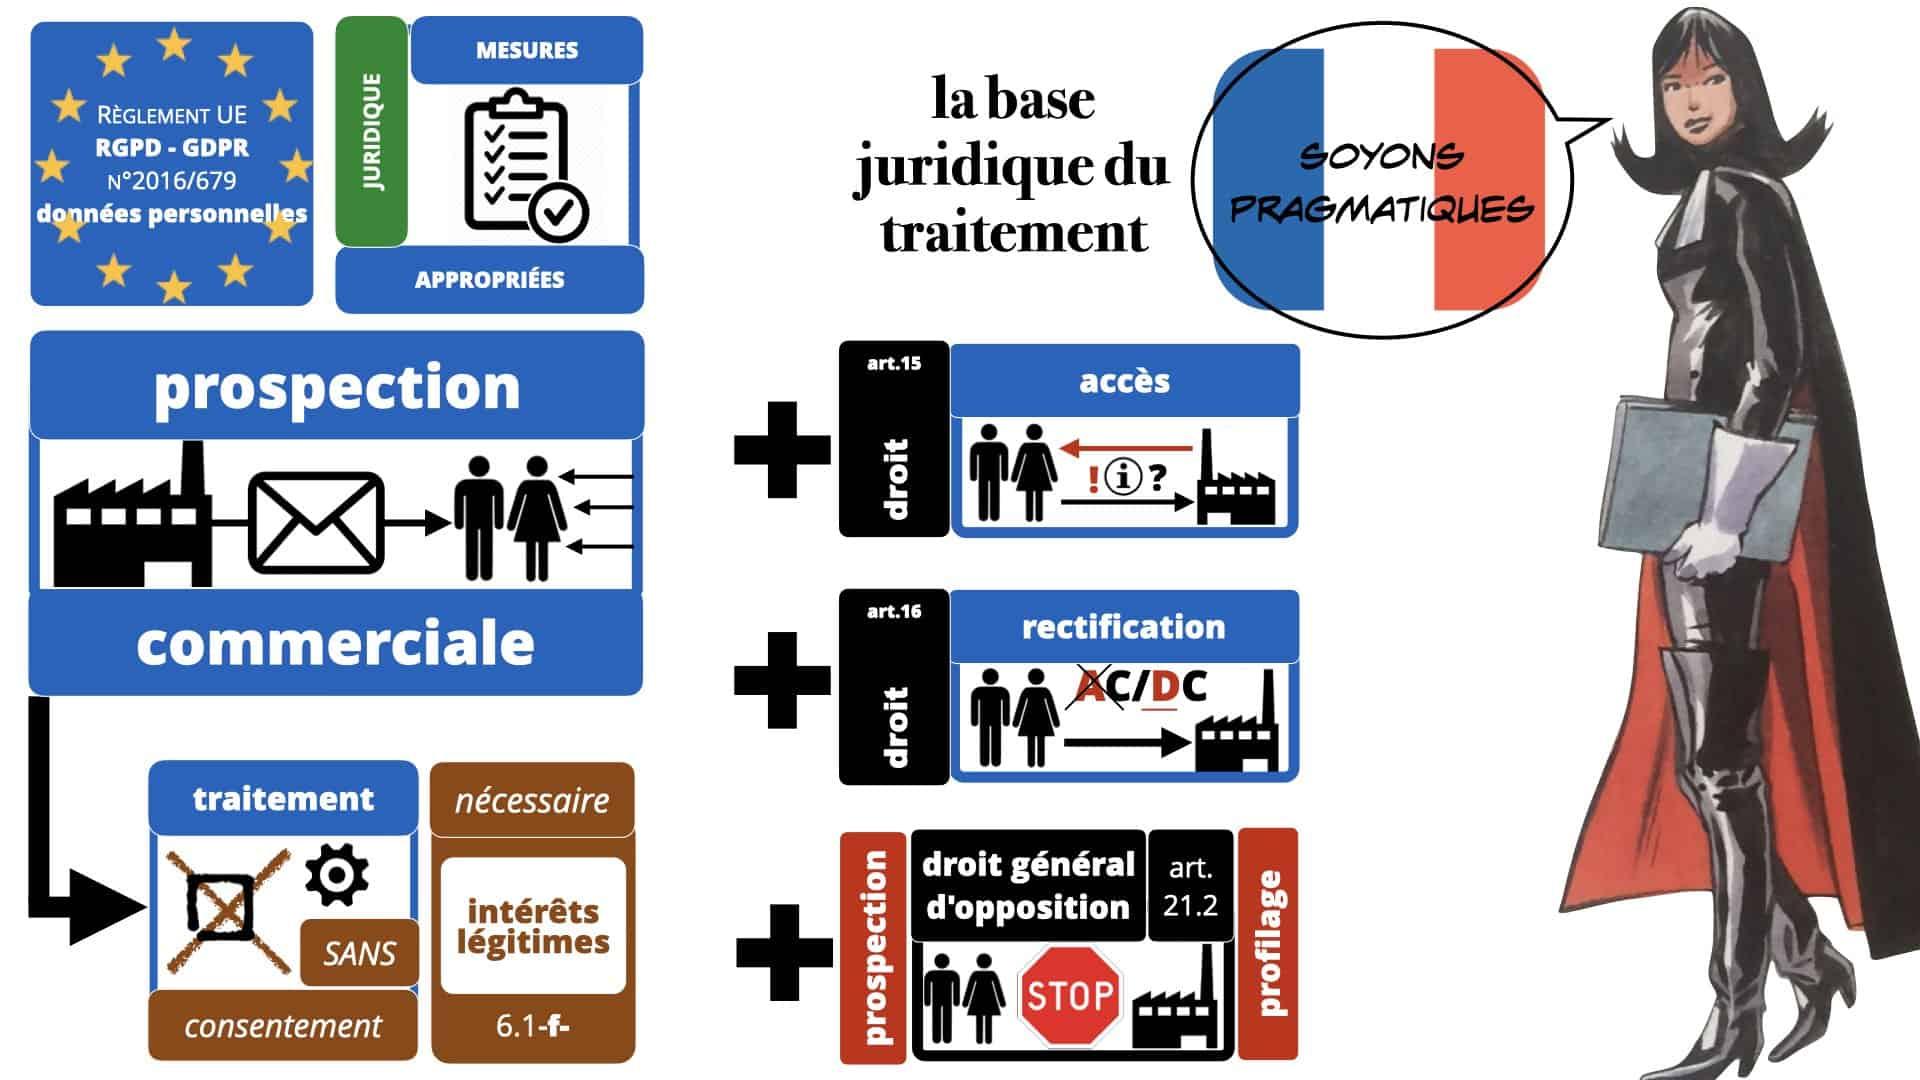 RGPD délibération CNIL Spartoo du 28 juillet 2020 n°SAN 2020-003 *16:9* ©Ledieu-Avocats 19-09-2020.049